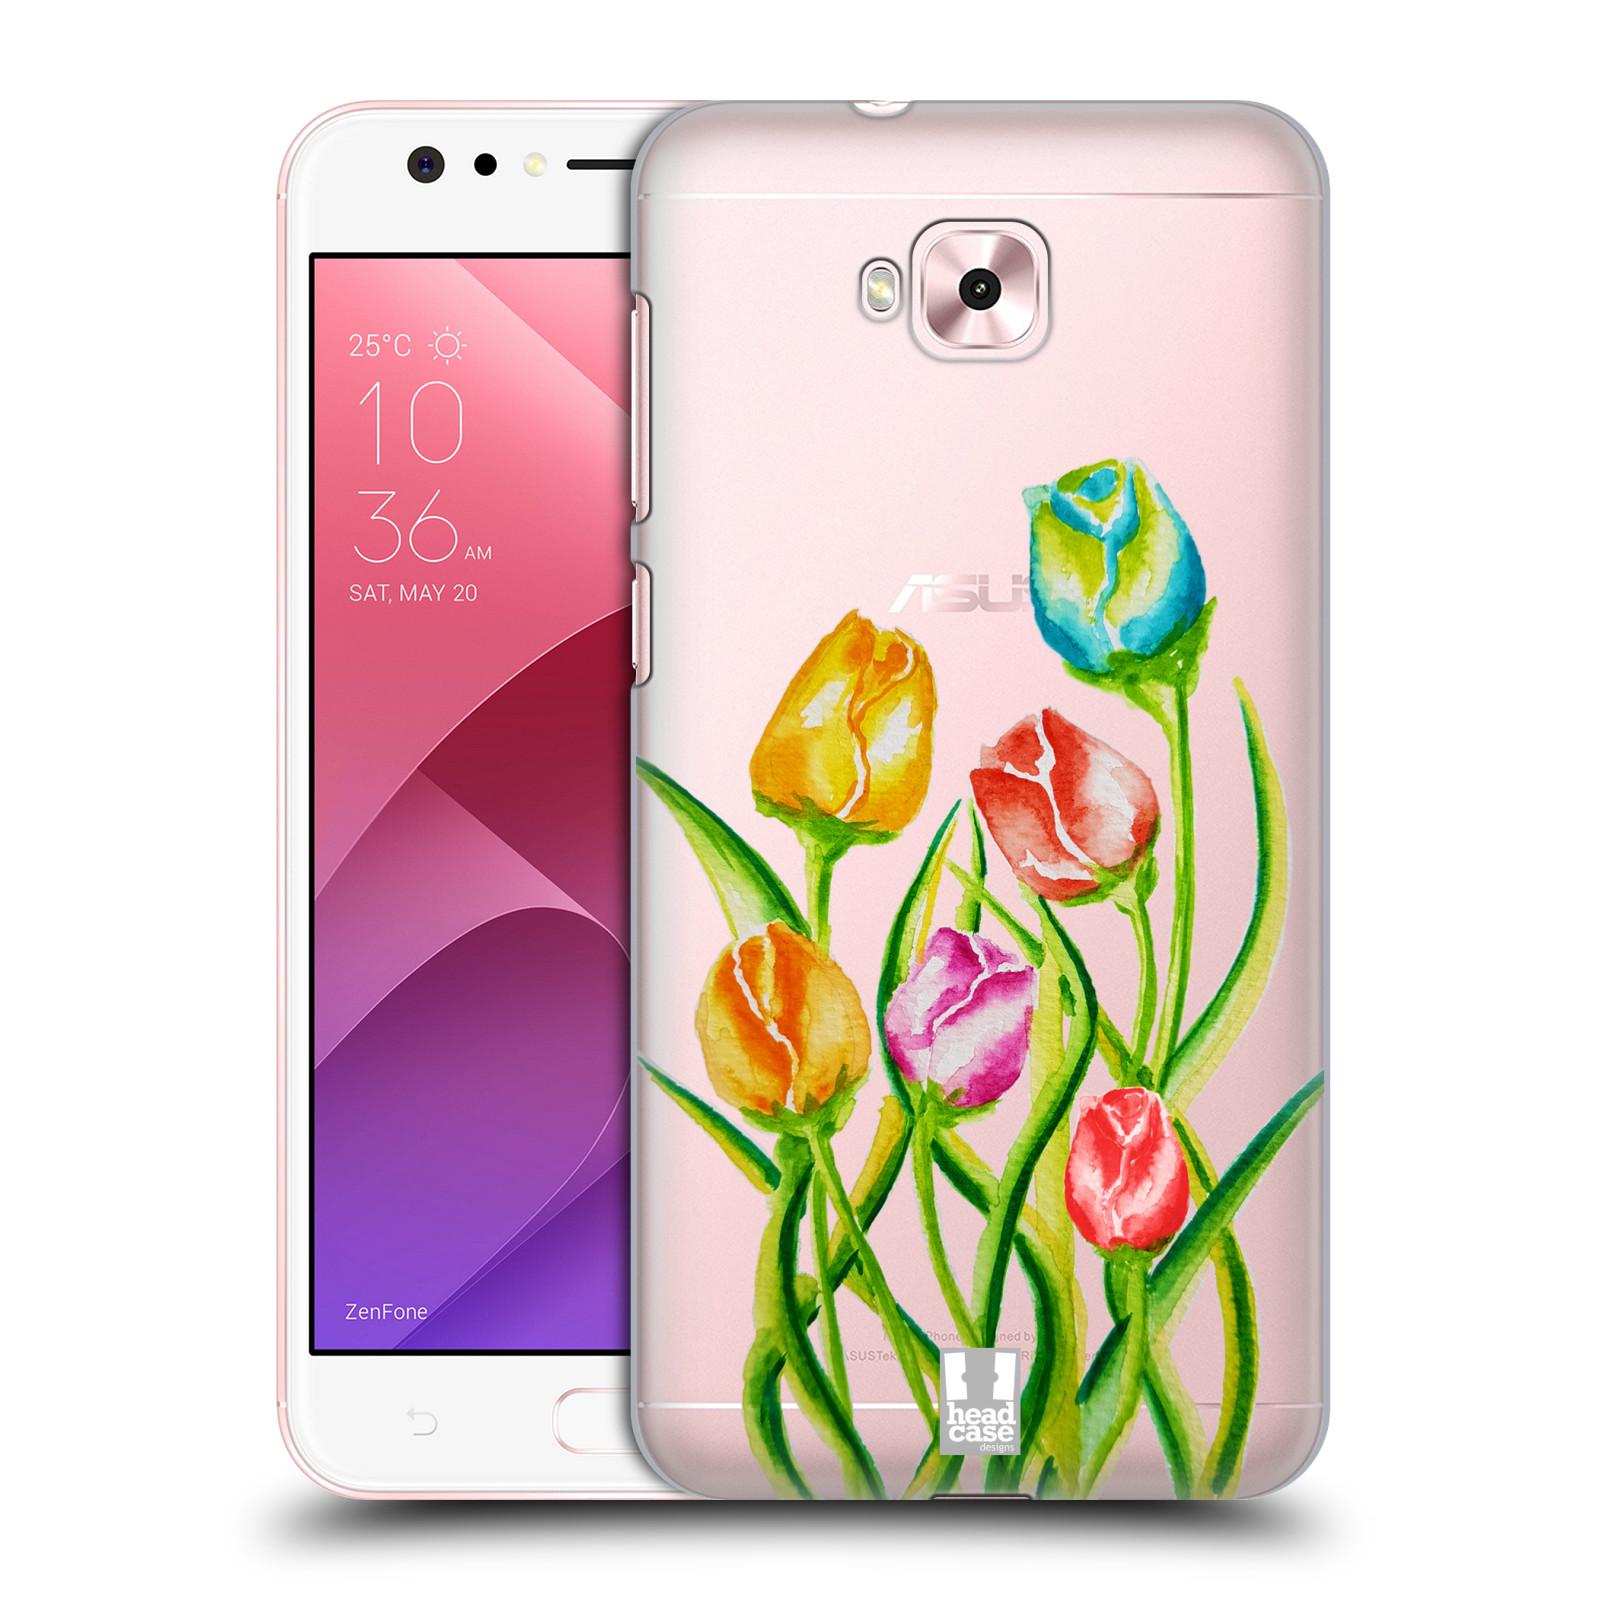 HEAD CASE plastový obal na mobil Asus Zenfone 4 Selfie ZD553KL Květina Tulipán vodní barvy